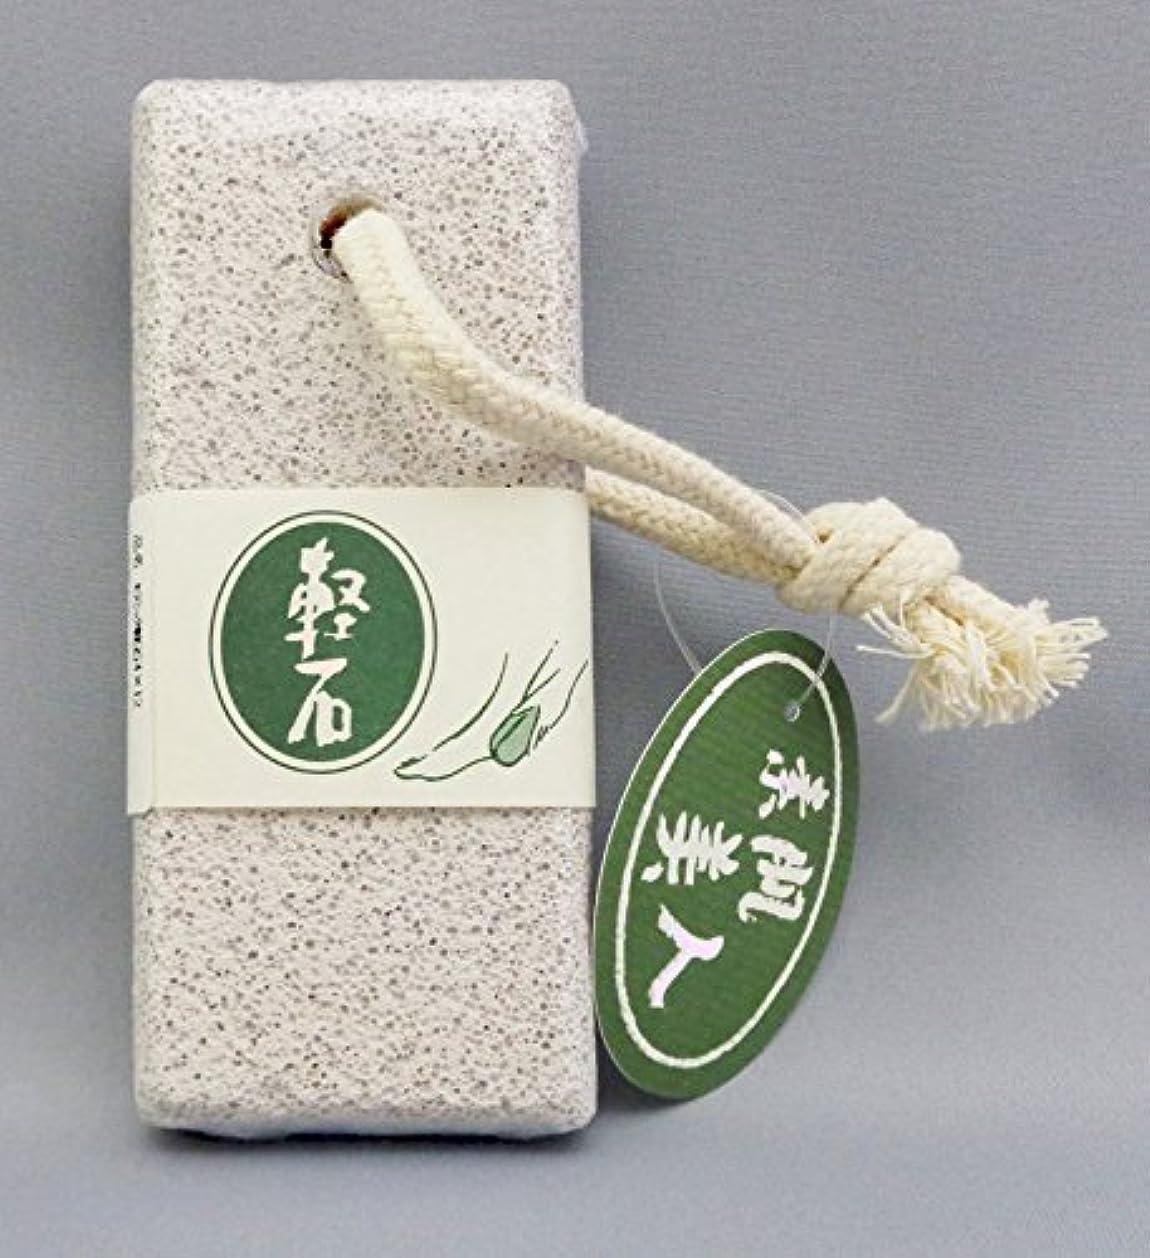 改善診断する急流シオザキ No.19 セラミック軽石 4x12 天然丸軽石 ヒモ付